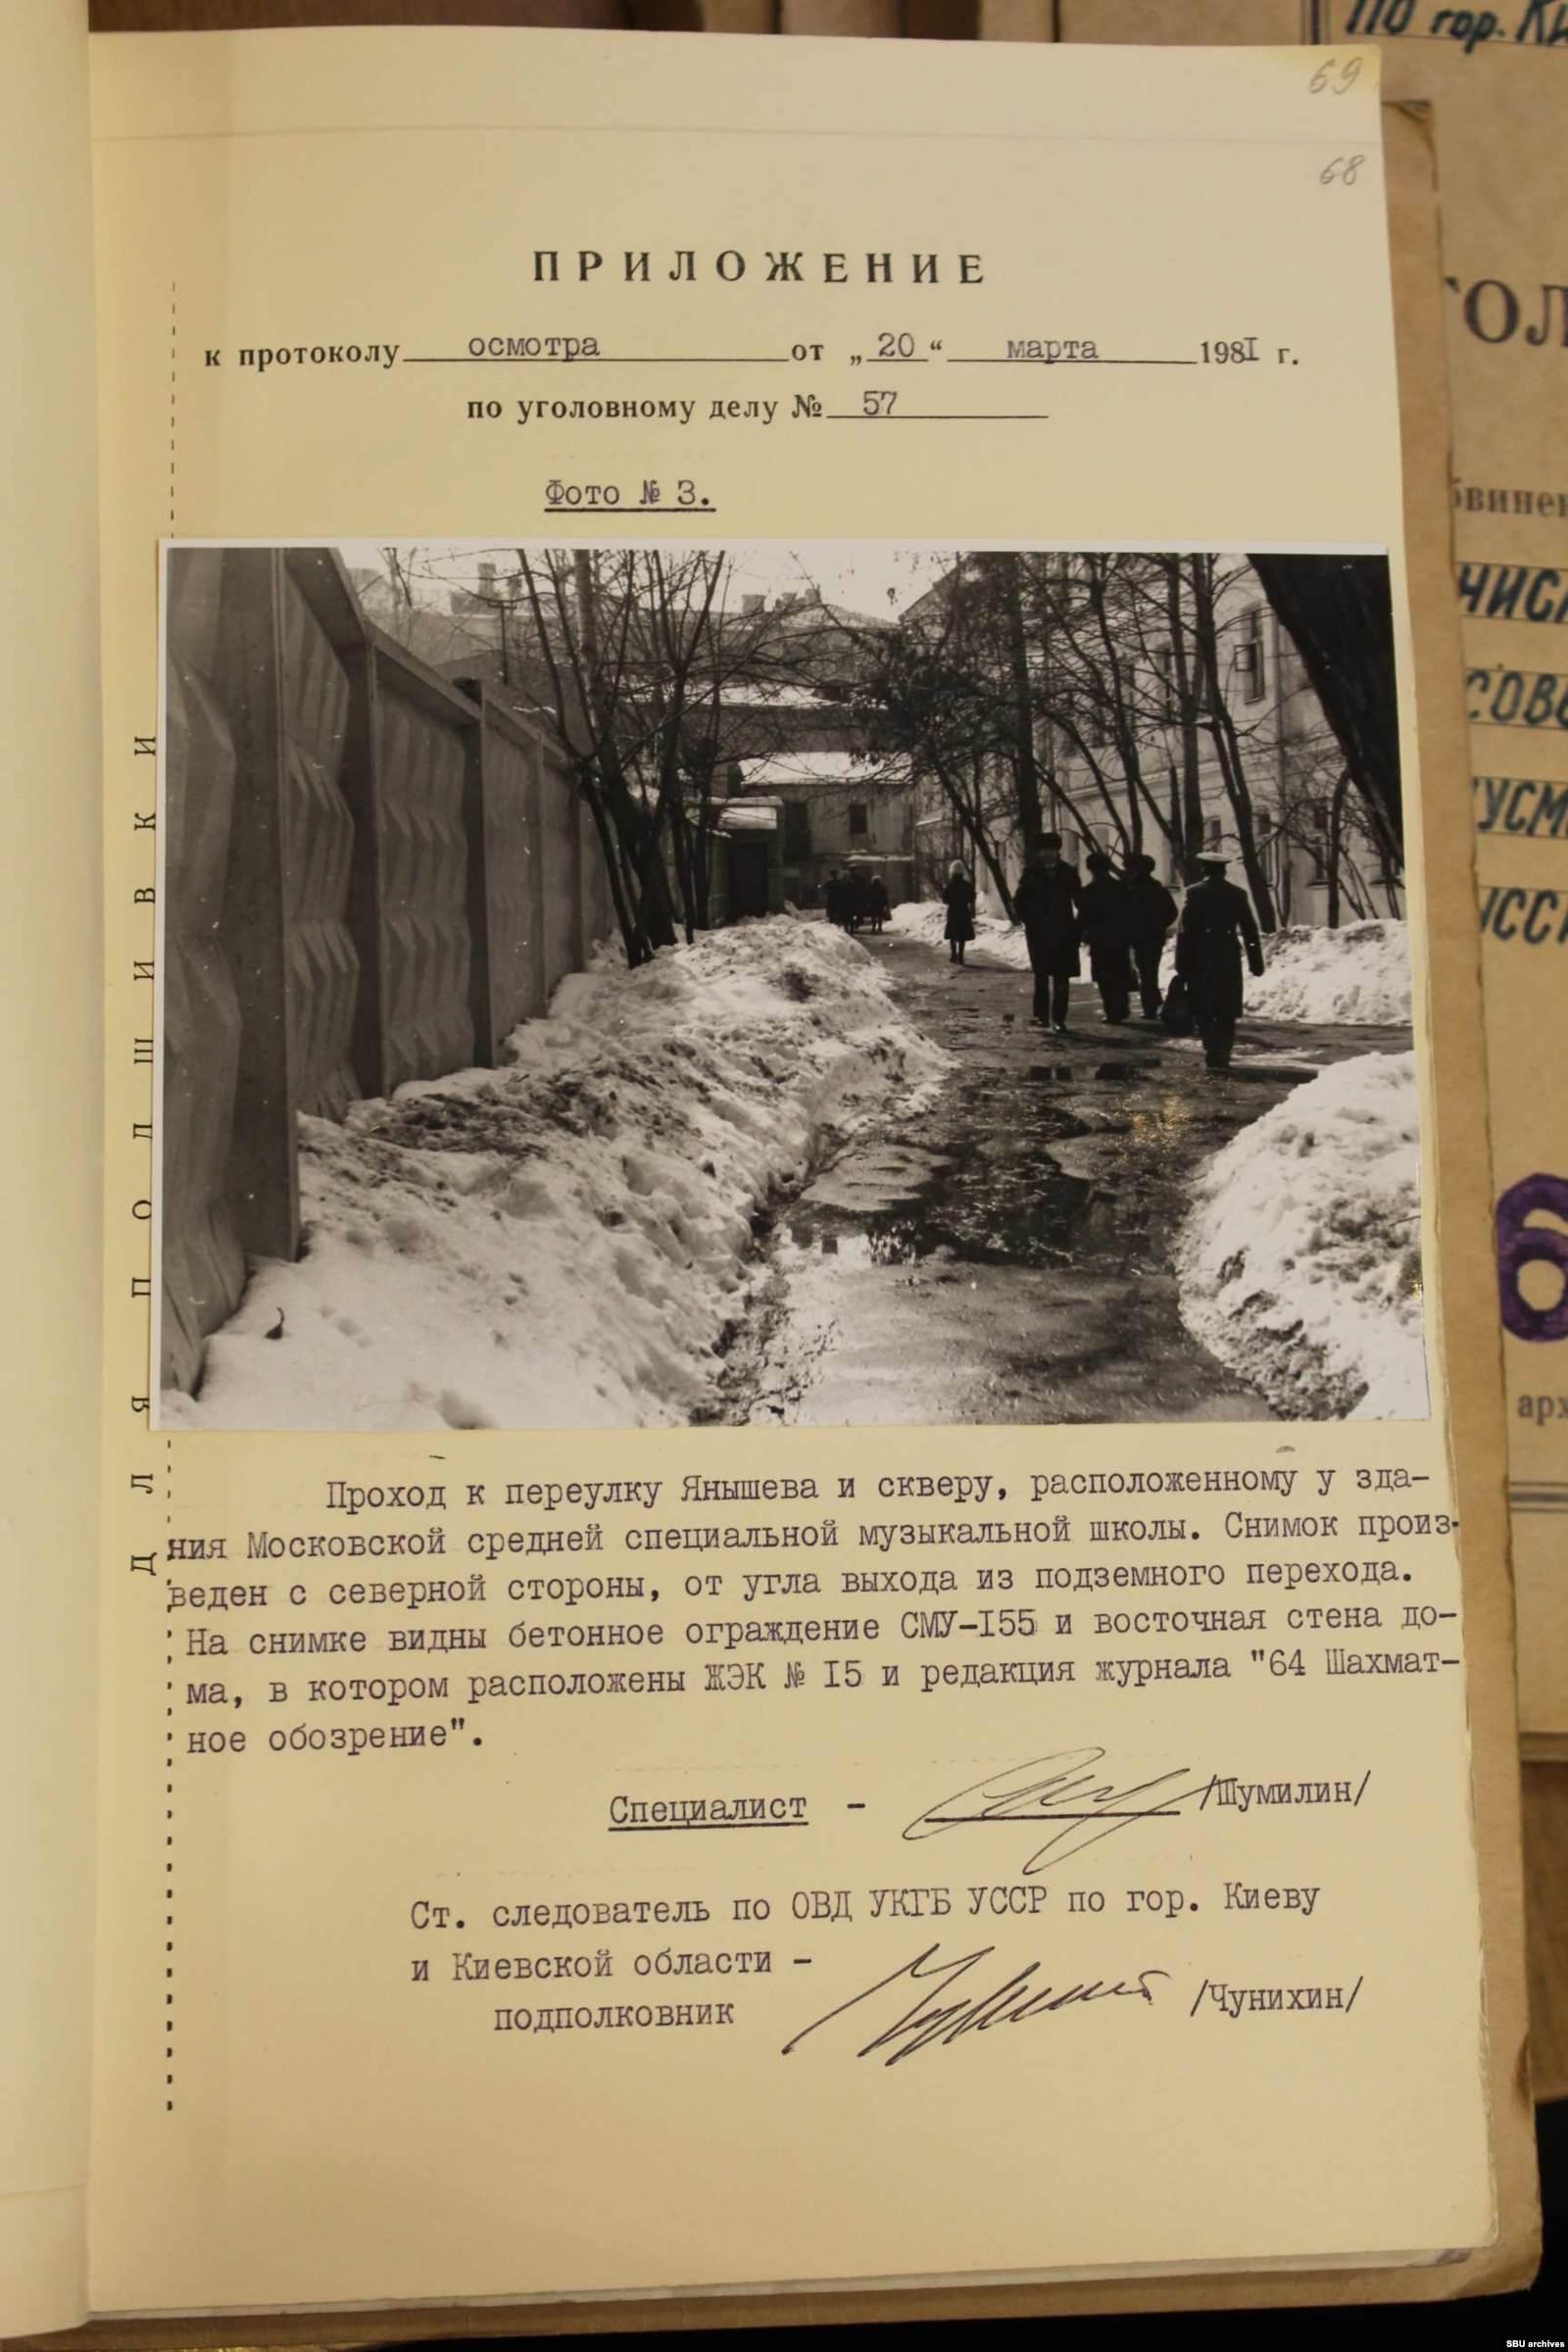 Фото московского универмага и окрестностей, где проходили встречи Пушкаря и корейцев. Из уголовного дела